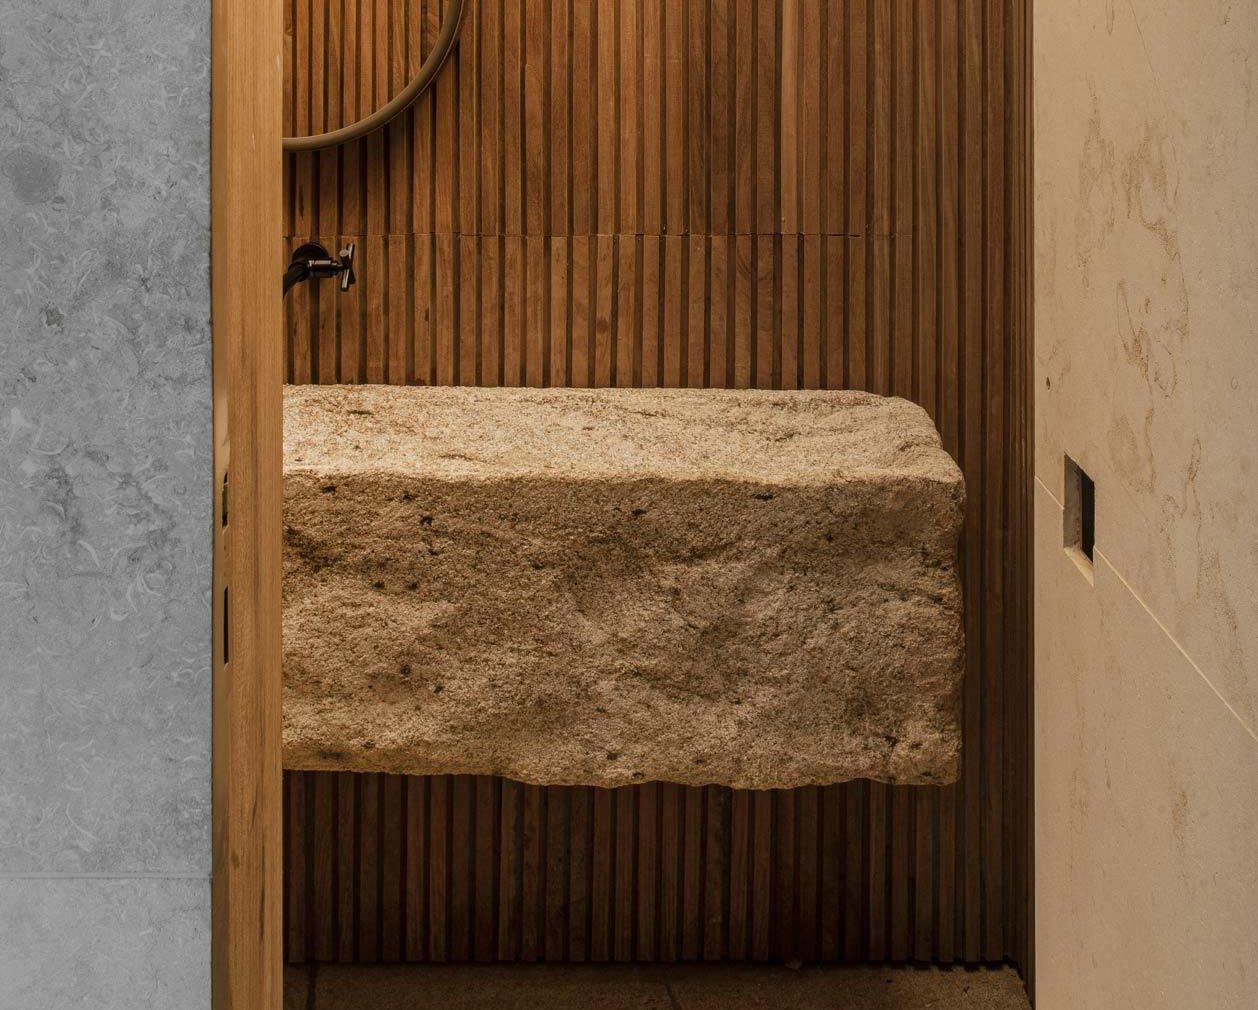 In dem Ferienhaus Casa Q04L63 am Rio Grande von mf+ Architectos spielten die Architekten mit Bezügen zwischen innen und außen, indem sie sich für ein Waschbecken aus Granit entschieden. Foto: Felipe Araújo